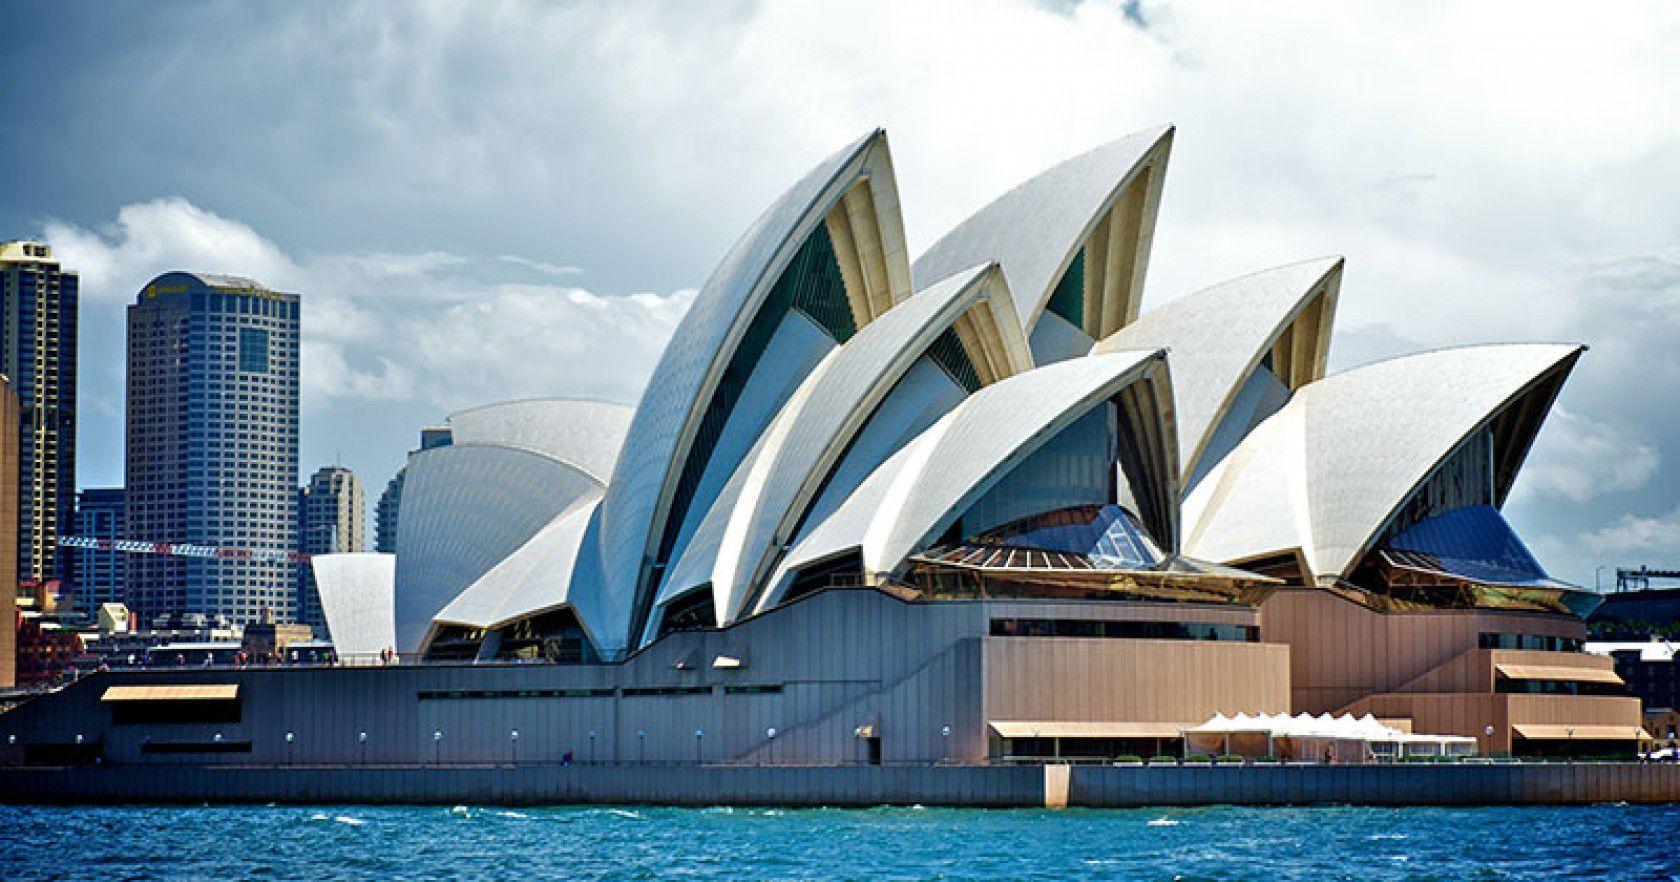 Avustralya'da Lise Mezuniyet Şartları